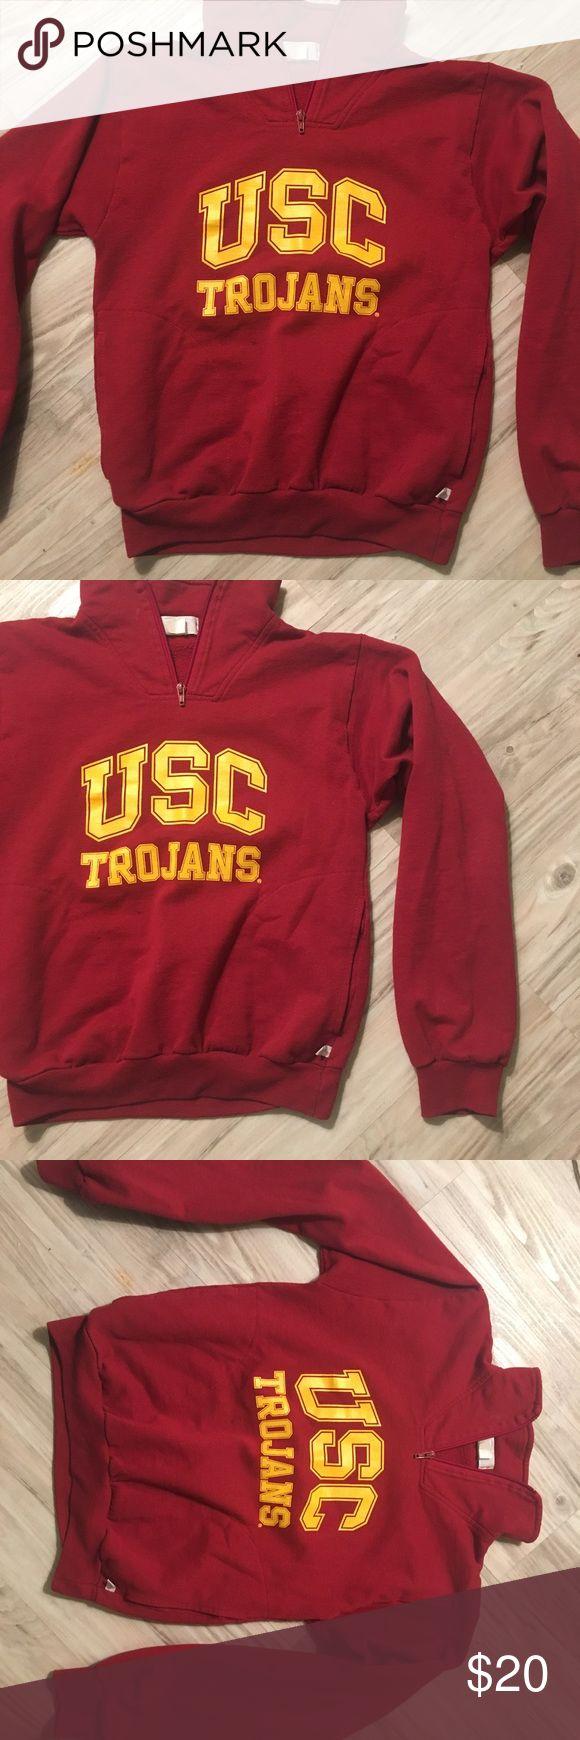 USC XS half zip sweatshirt USC XS sweatshirt with a half zip Sweaters